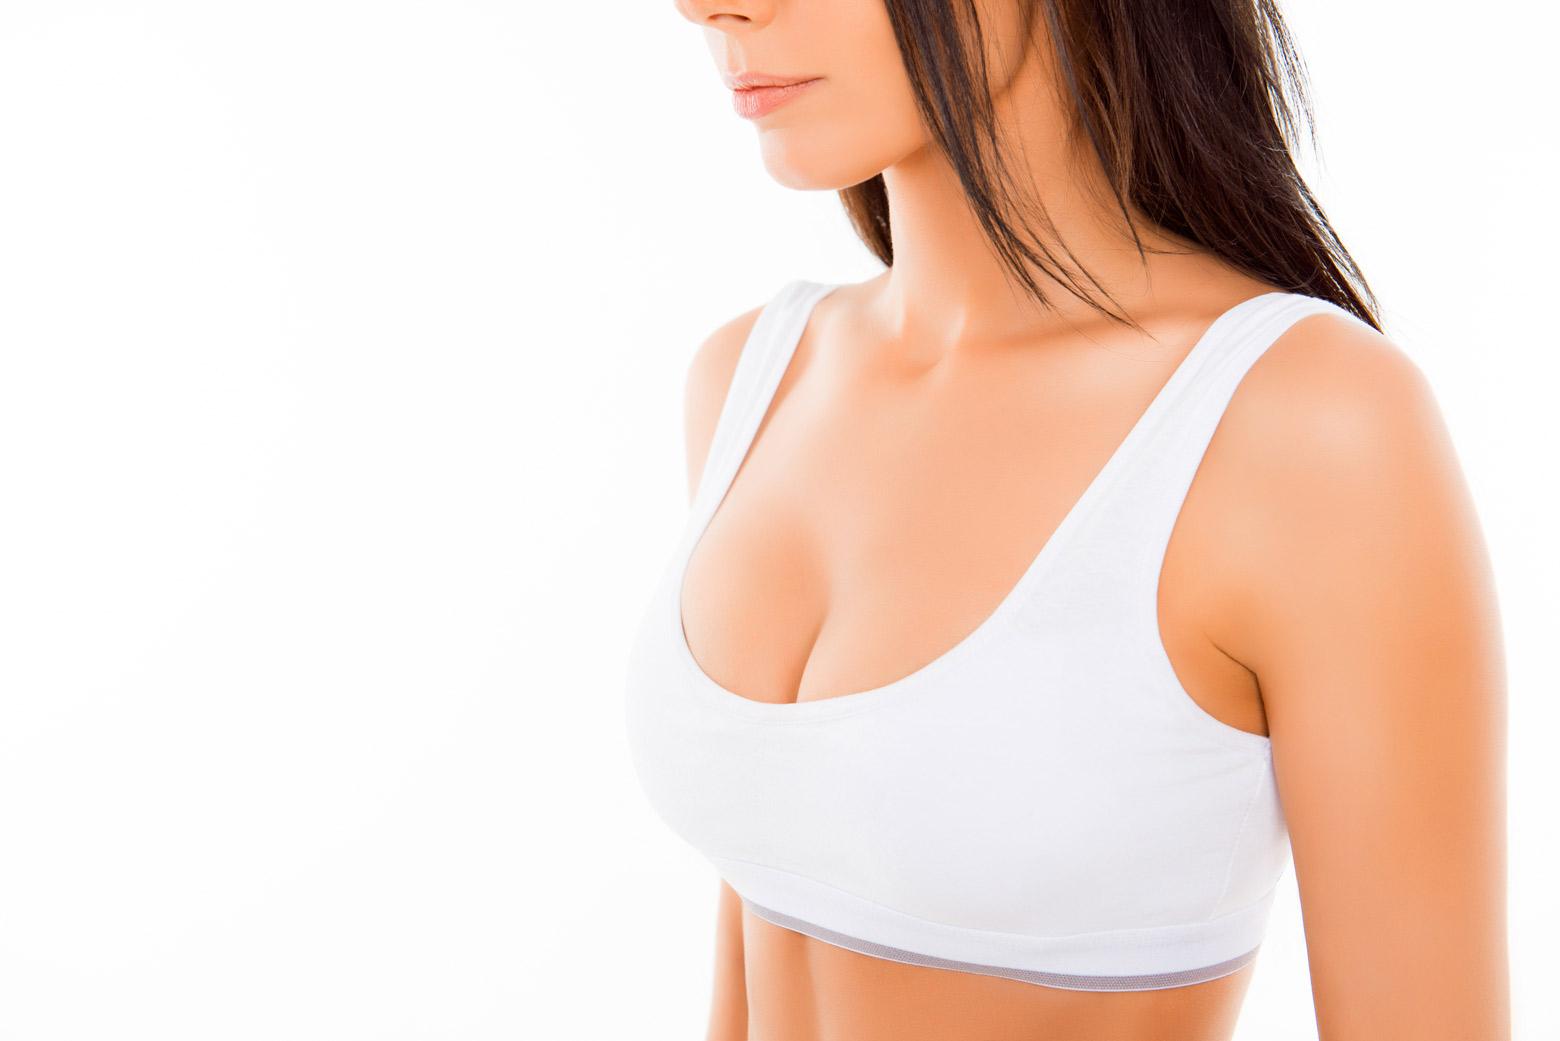 Implantate und Silikon für Brust